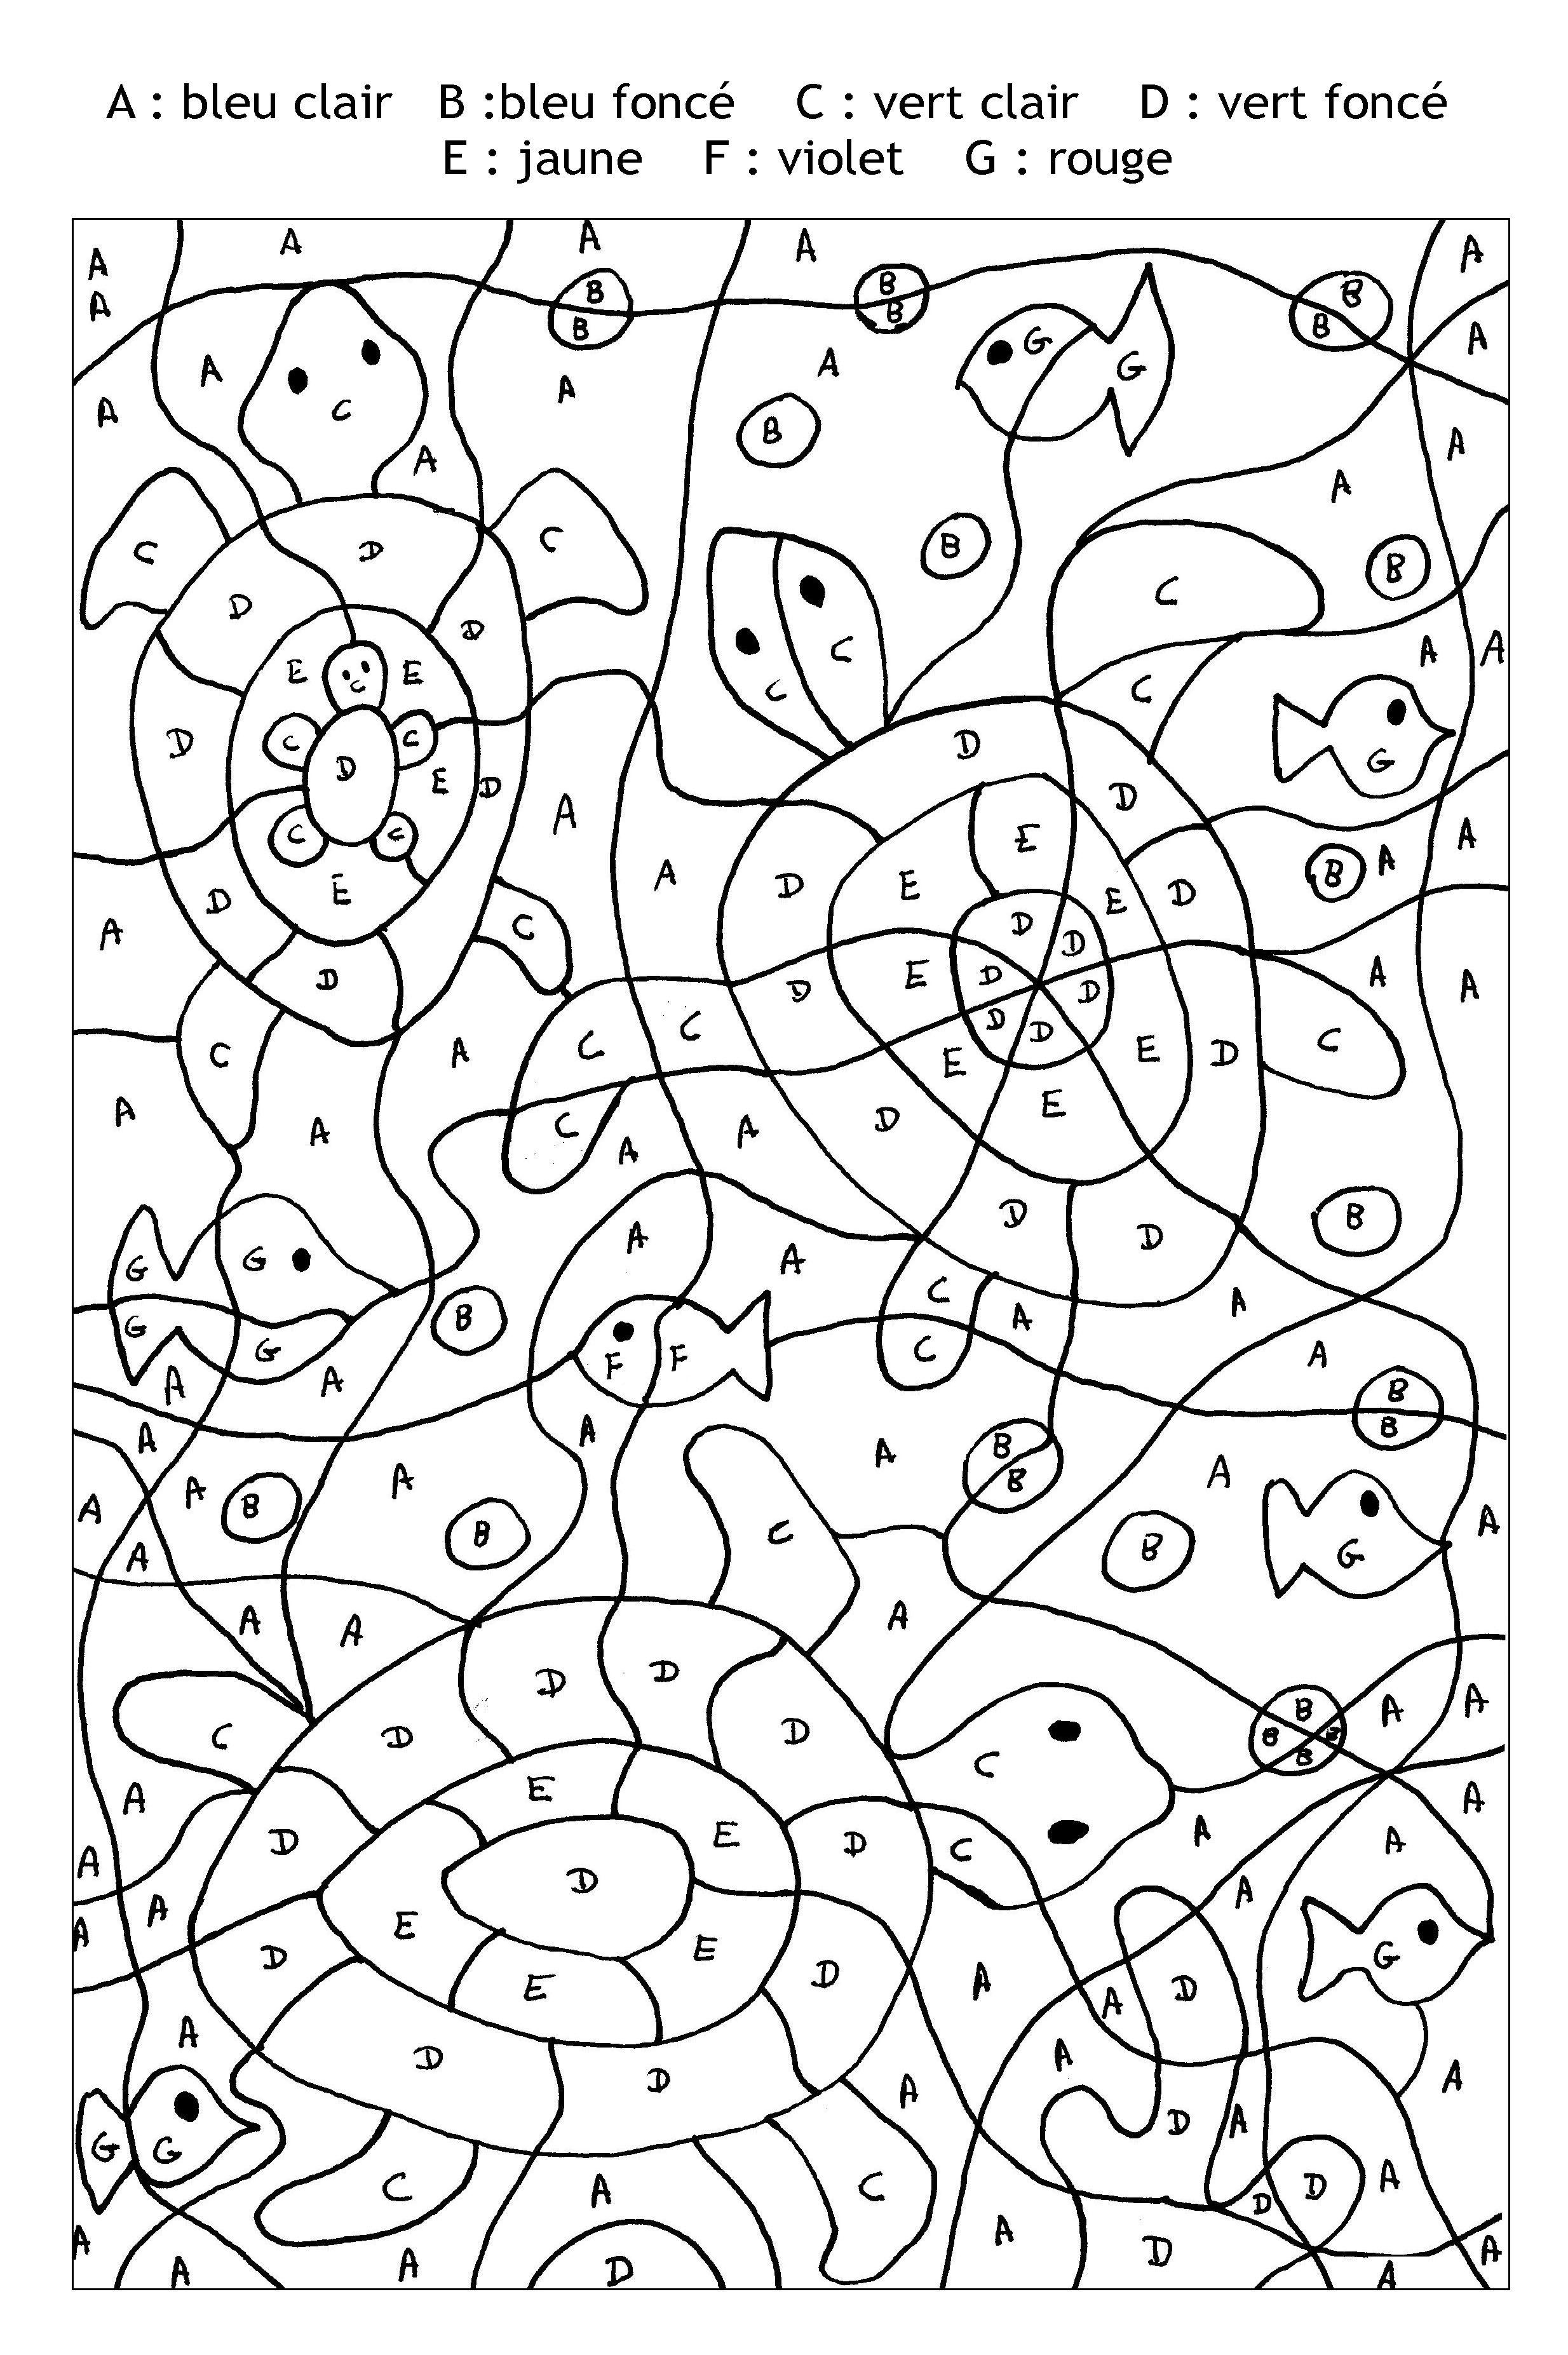 Épinglé Sur Color By Number For Adults And Children destiné Coloriage Magique